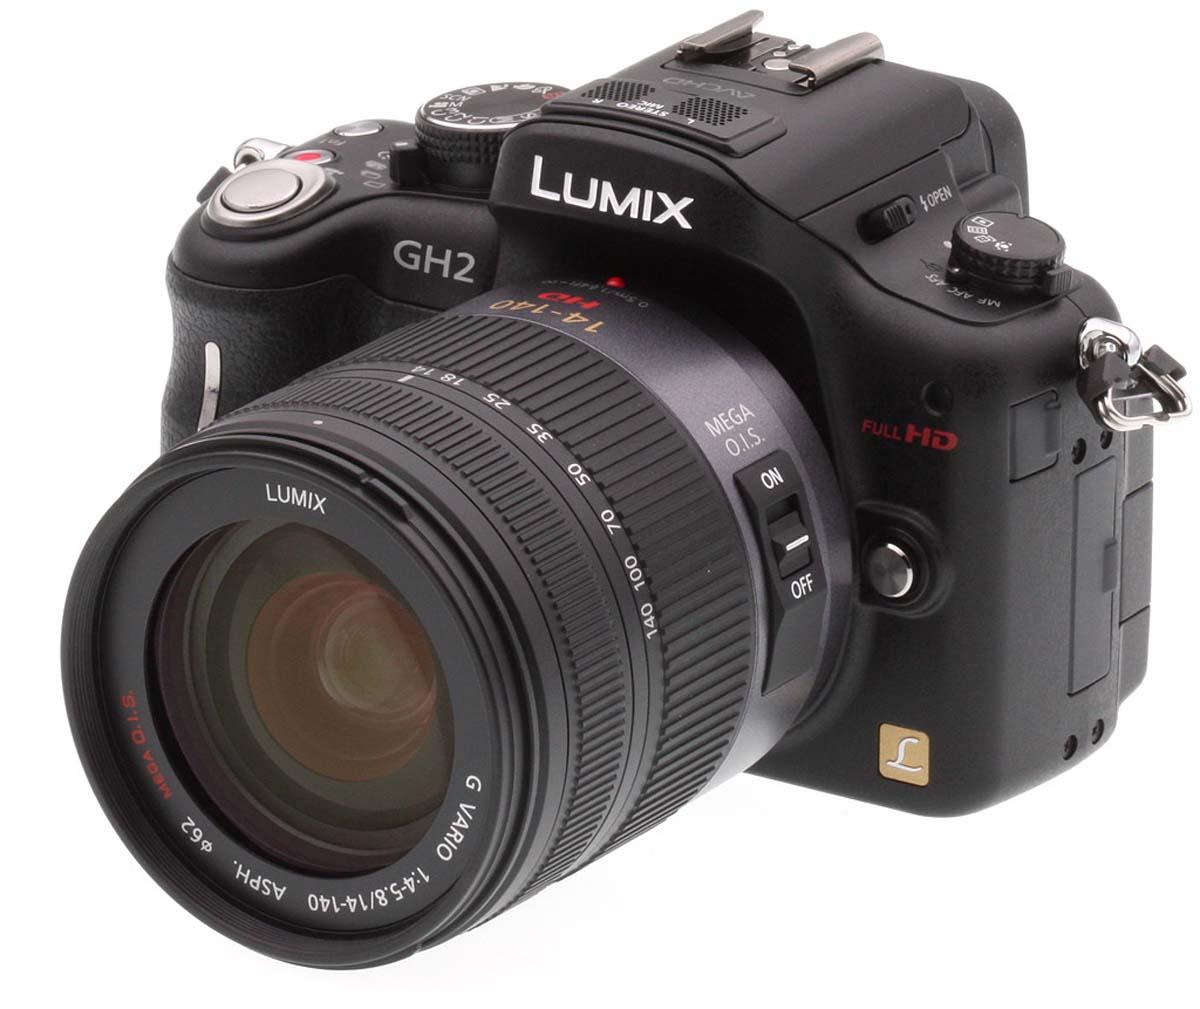 несколько ремонт фотоаппаратов люмикс в москве как